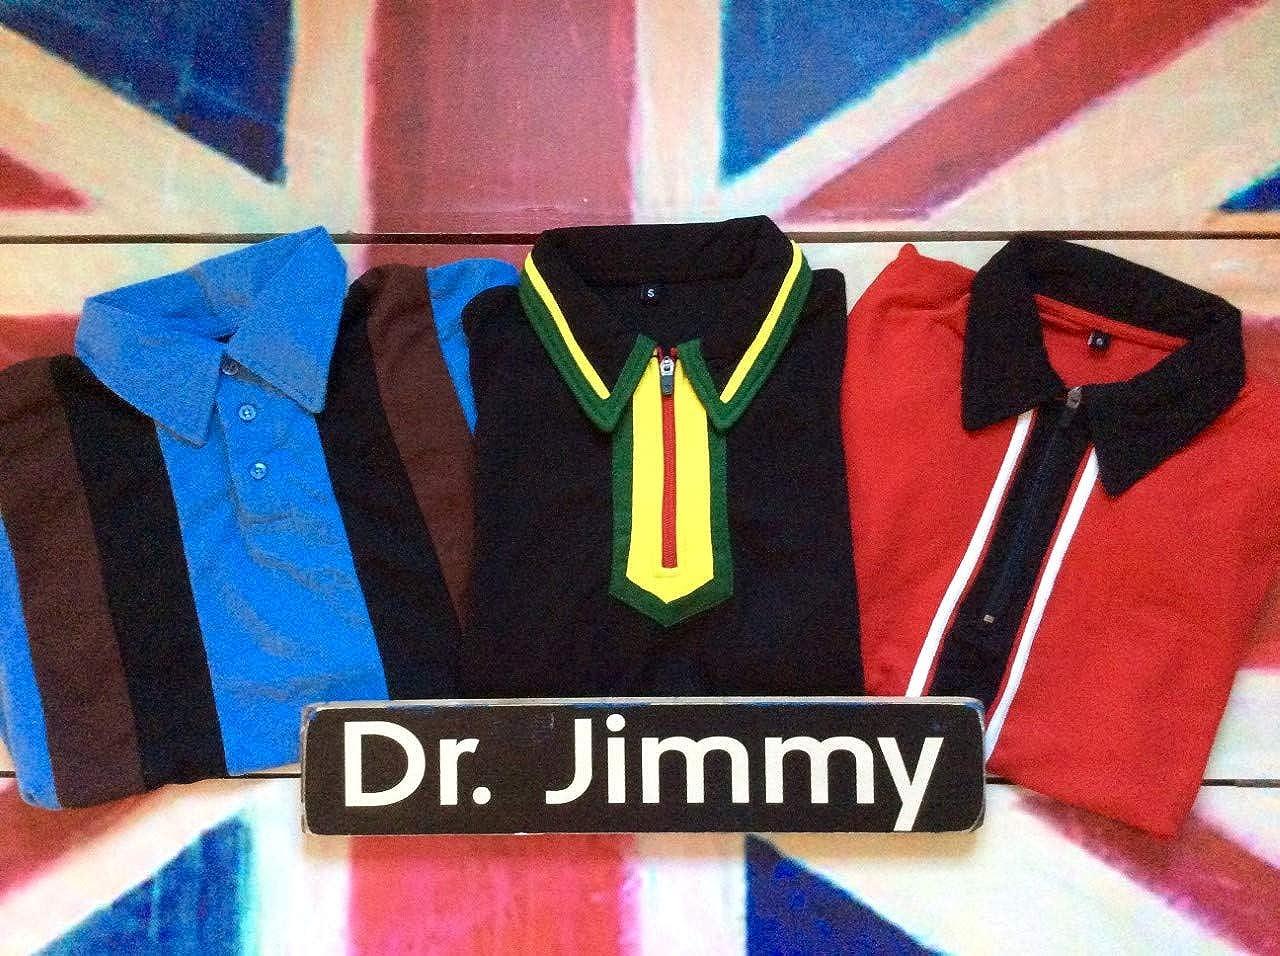 Dr. Jimmy - Polo para hombre, estilo retro, modelo MOD, Ska ...